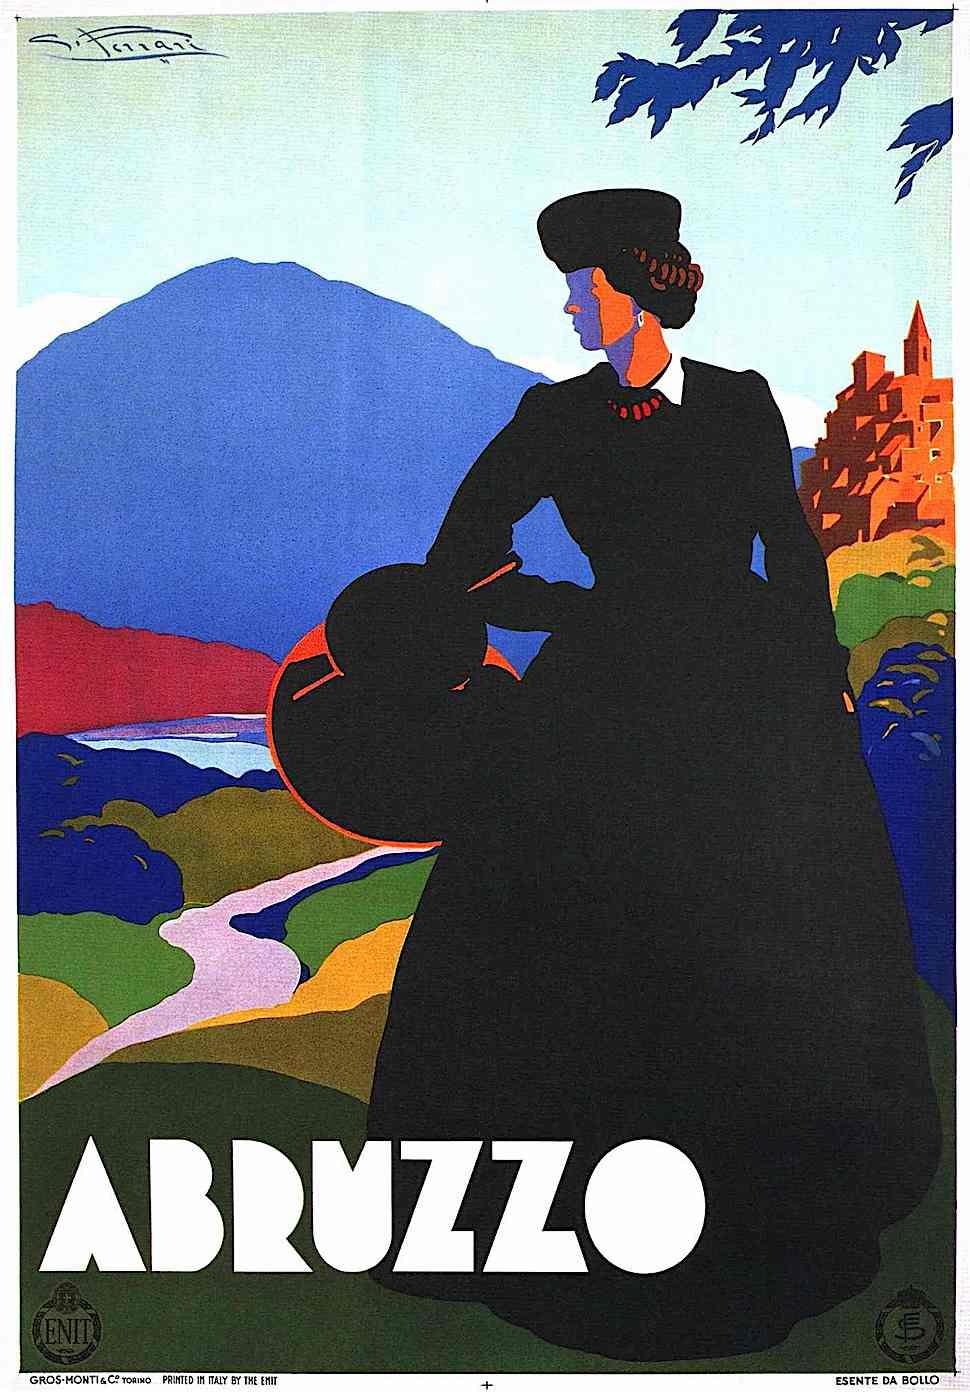 a Giulio Ferrari travel poster for Abruzzo Italy 1930